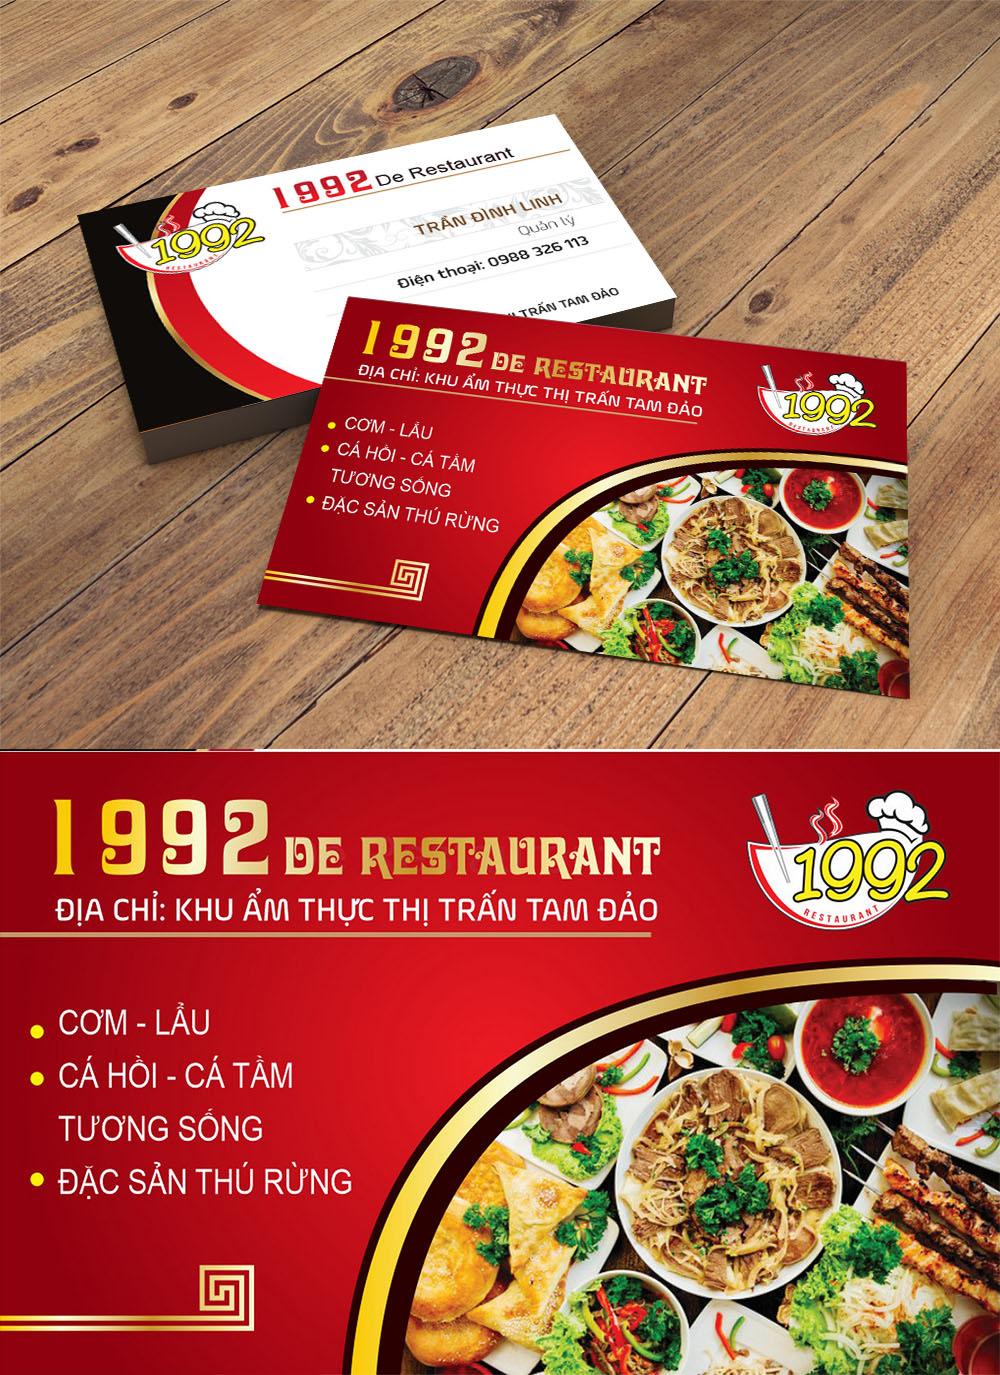 Mẫu danh thiếp namecard nhà hàng 1992